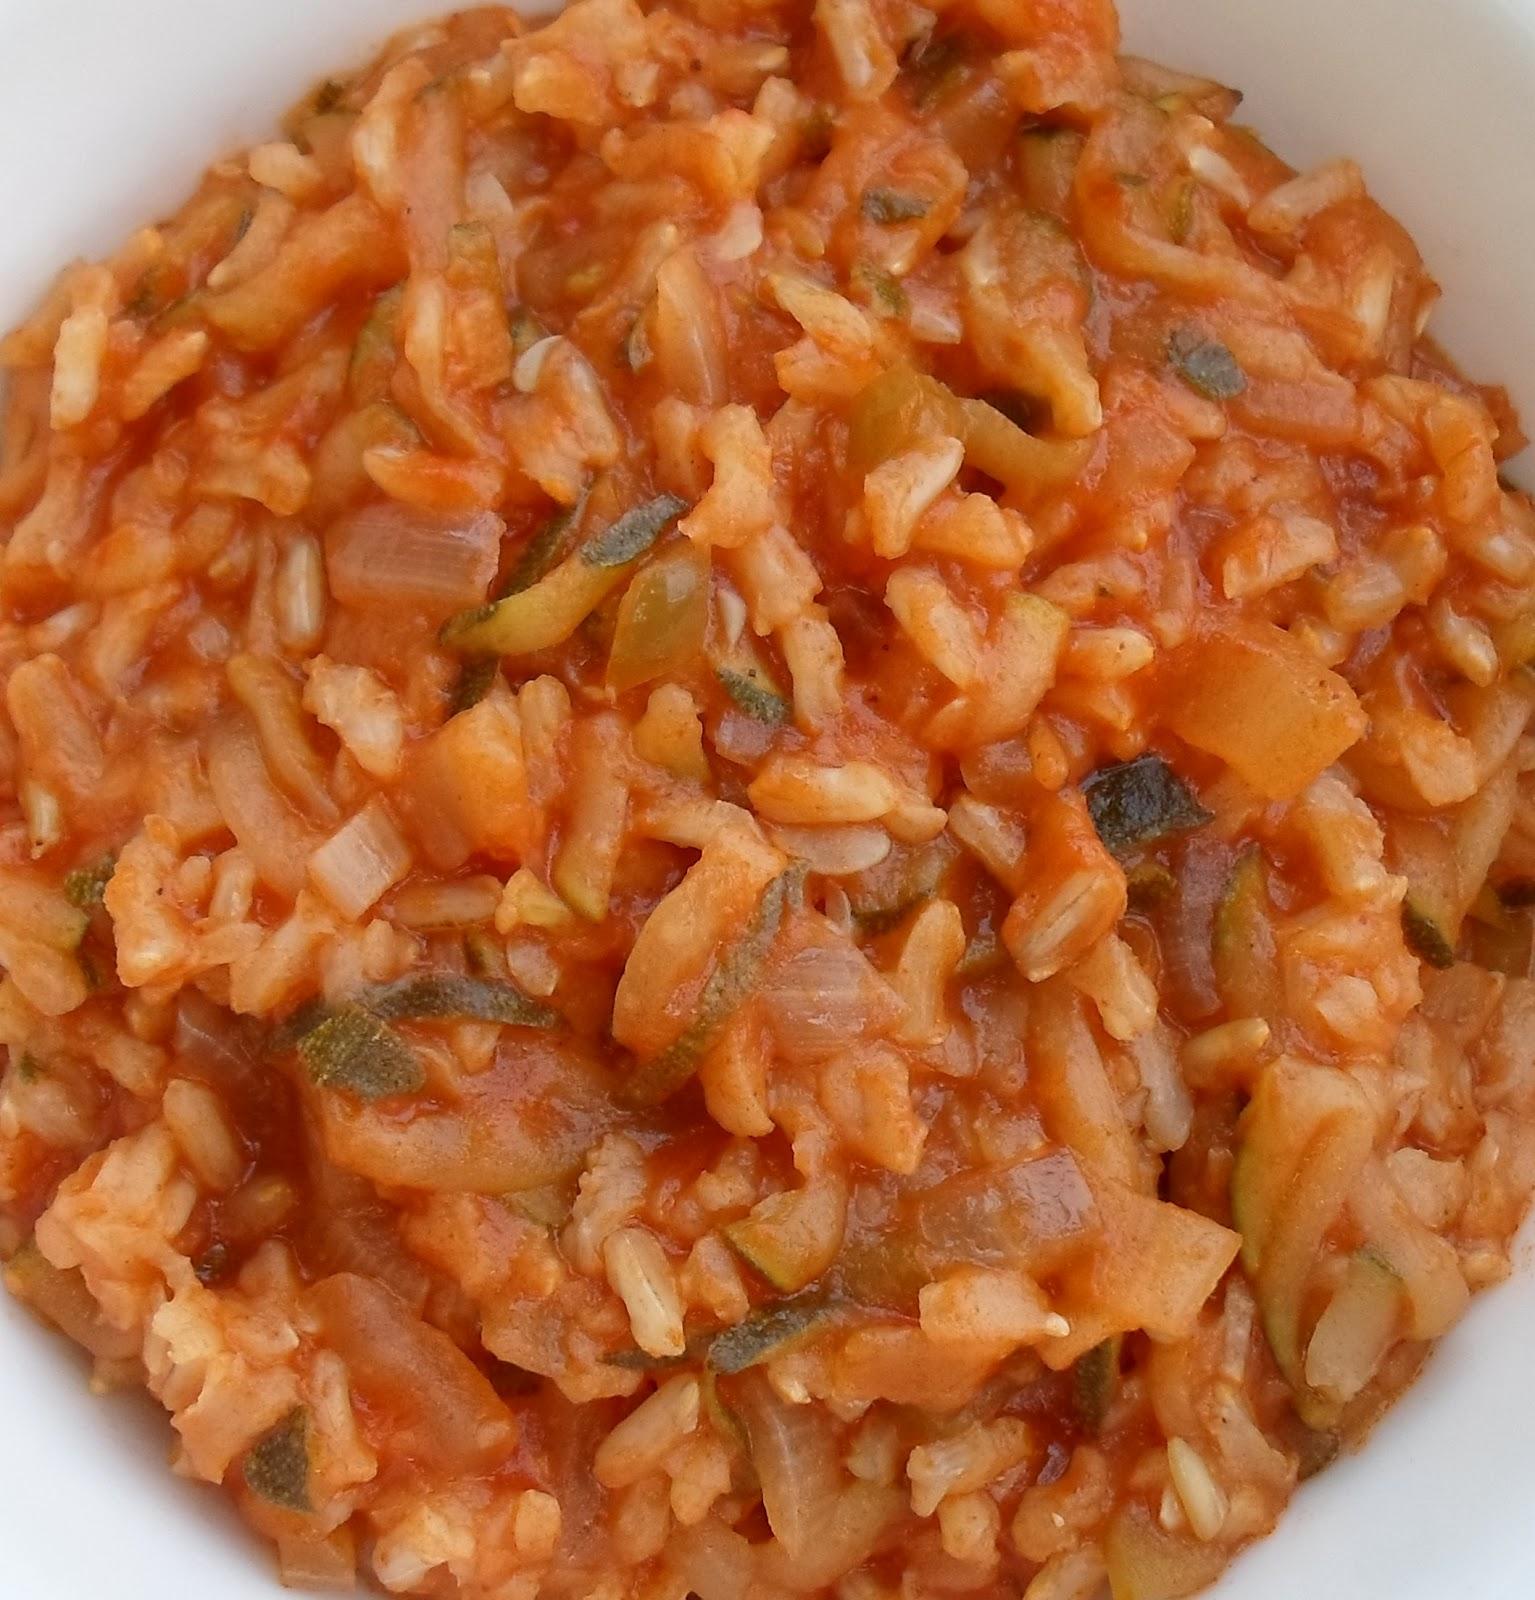 http://2.bp.blogspot.com/-4dTXgxx0rck/T_rGNNdRKRI/AAAAAAAAIOQ/phfRRNh1afQ/s1600/zucchini+and+rice+016.JPG